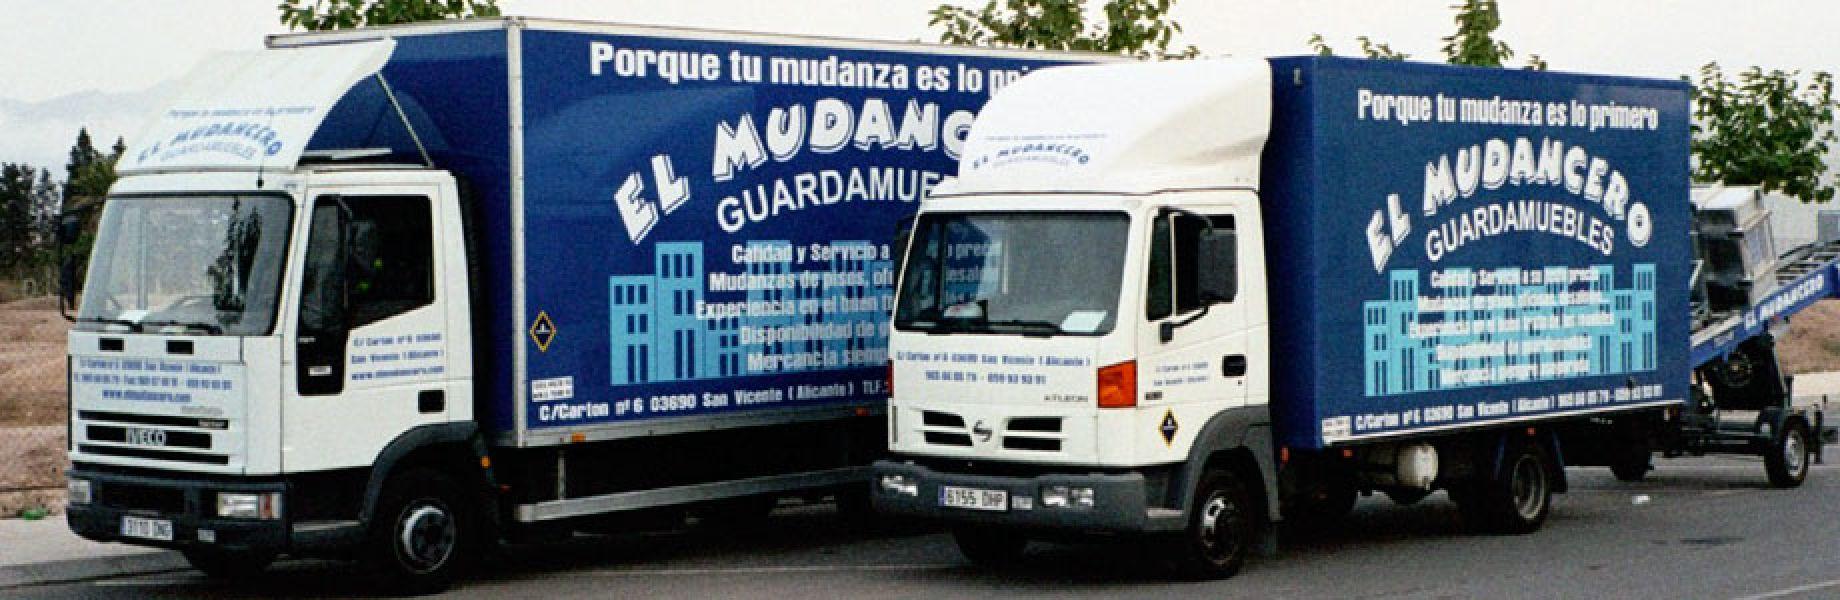 Mudanzas El Mudancero # Muebles Raspeig San Vicente